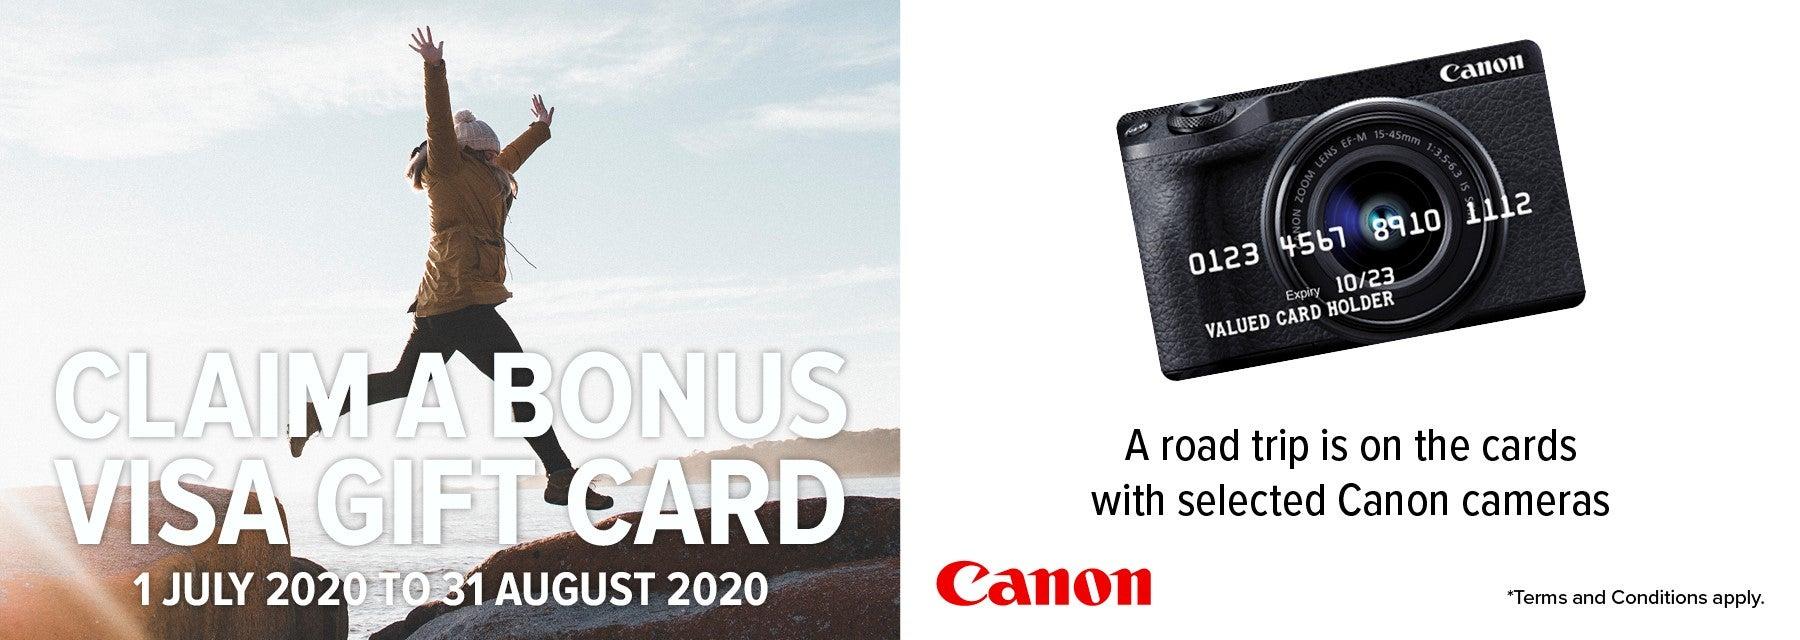 Canon Cashback Offer